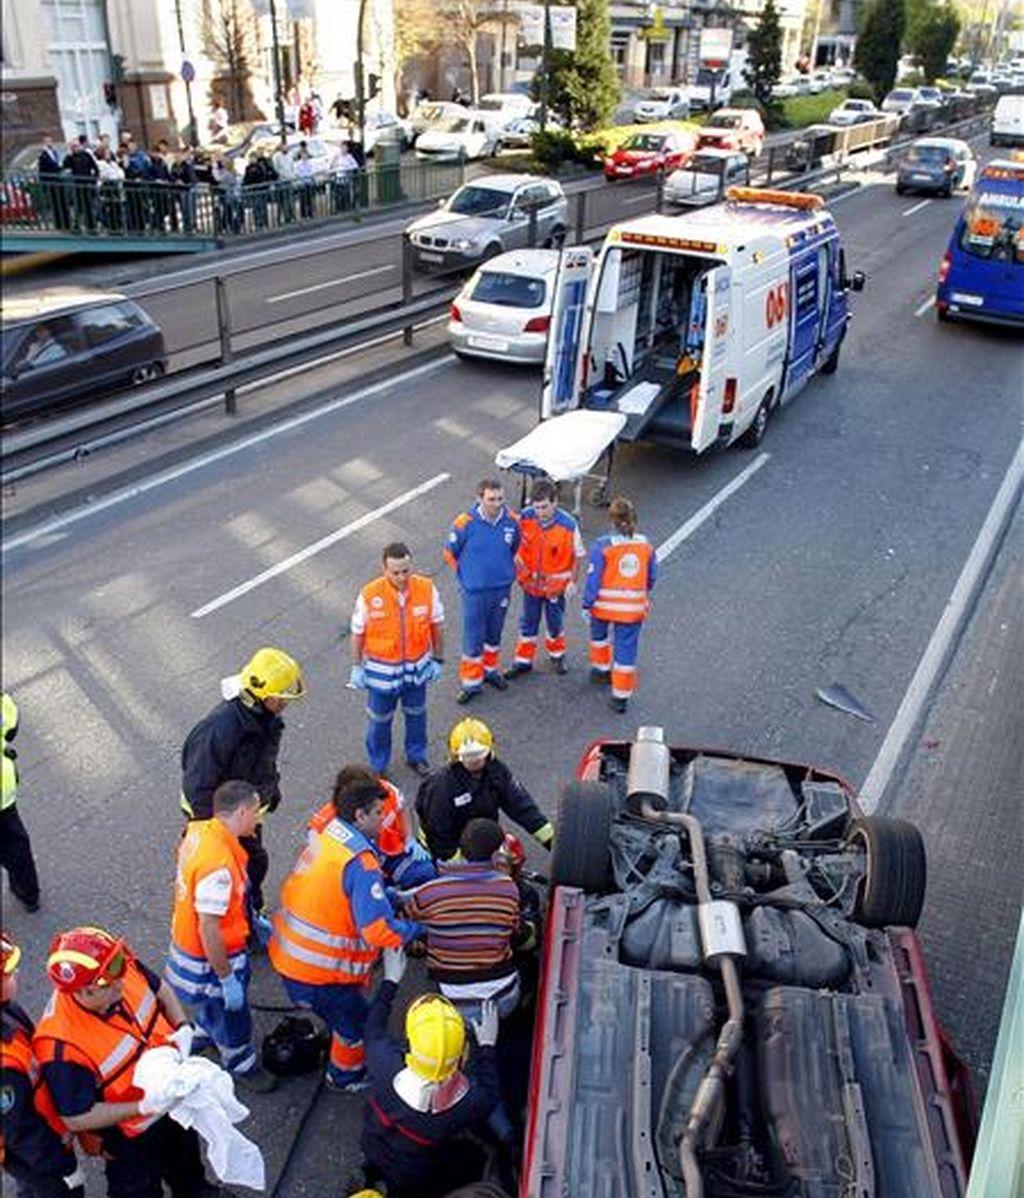 Miembros del equipo de Bomberos de A Coruña rescatan a un hombre herido como consecuencia del accidente de tráfico. EFE/Archivo